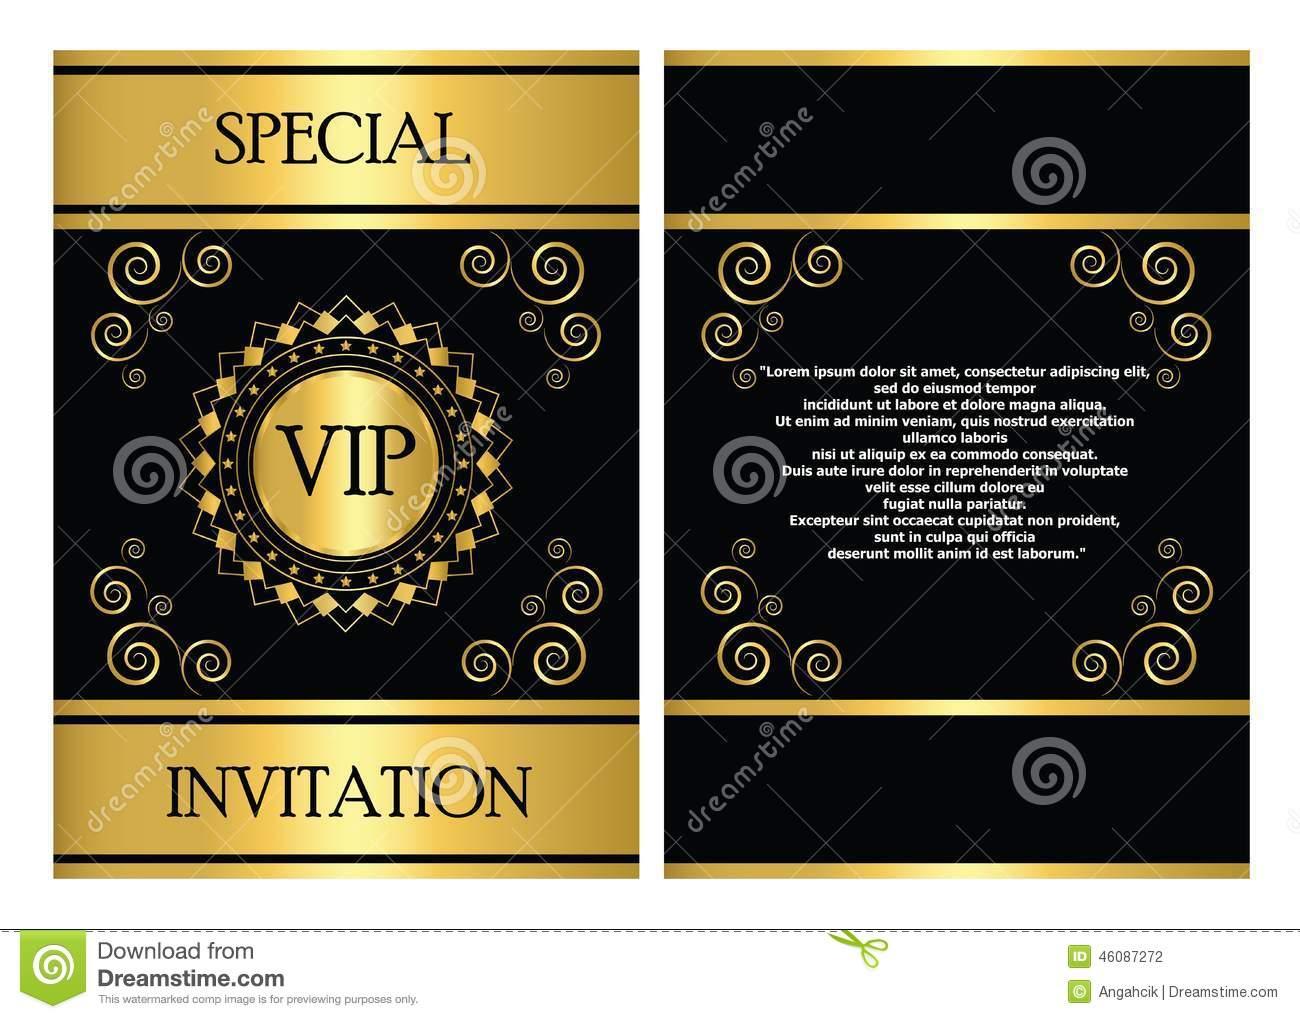 Vip Event Invitation Card Template